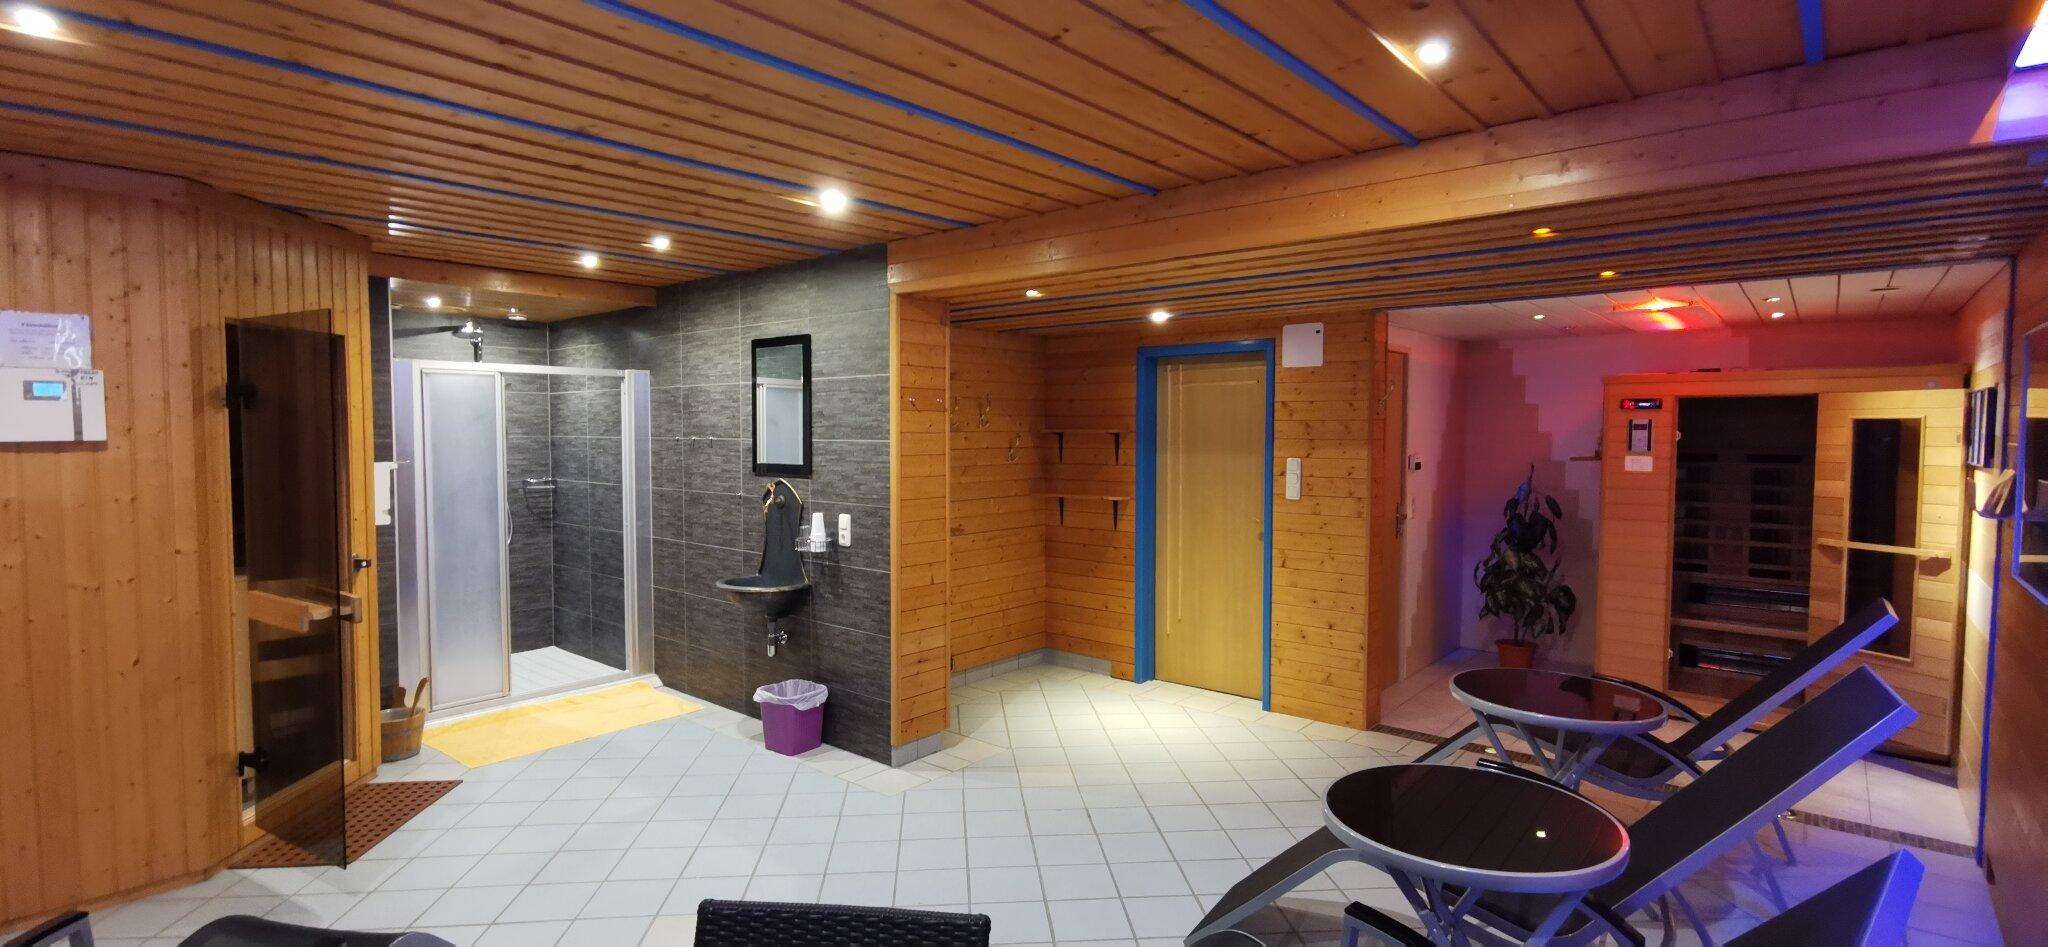 Gratis: Sauna-Wellnessbereich im Haus